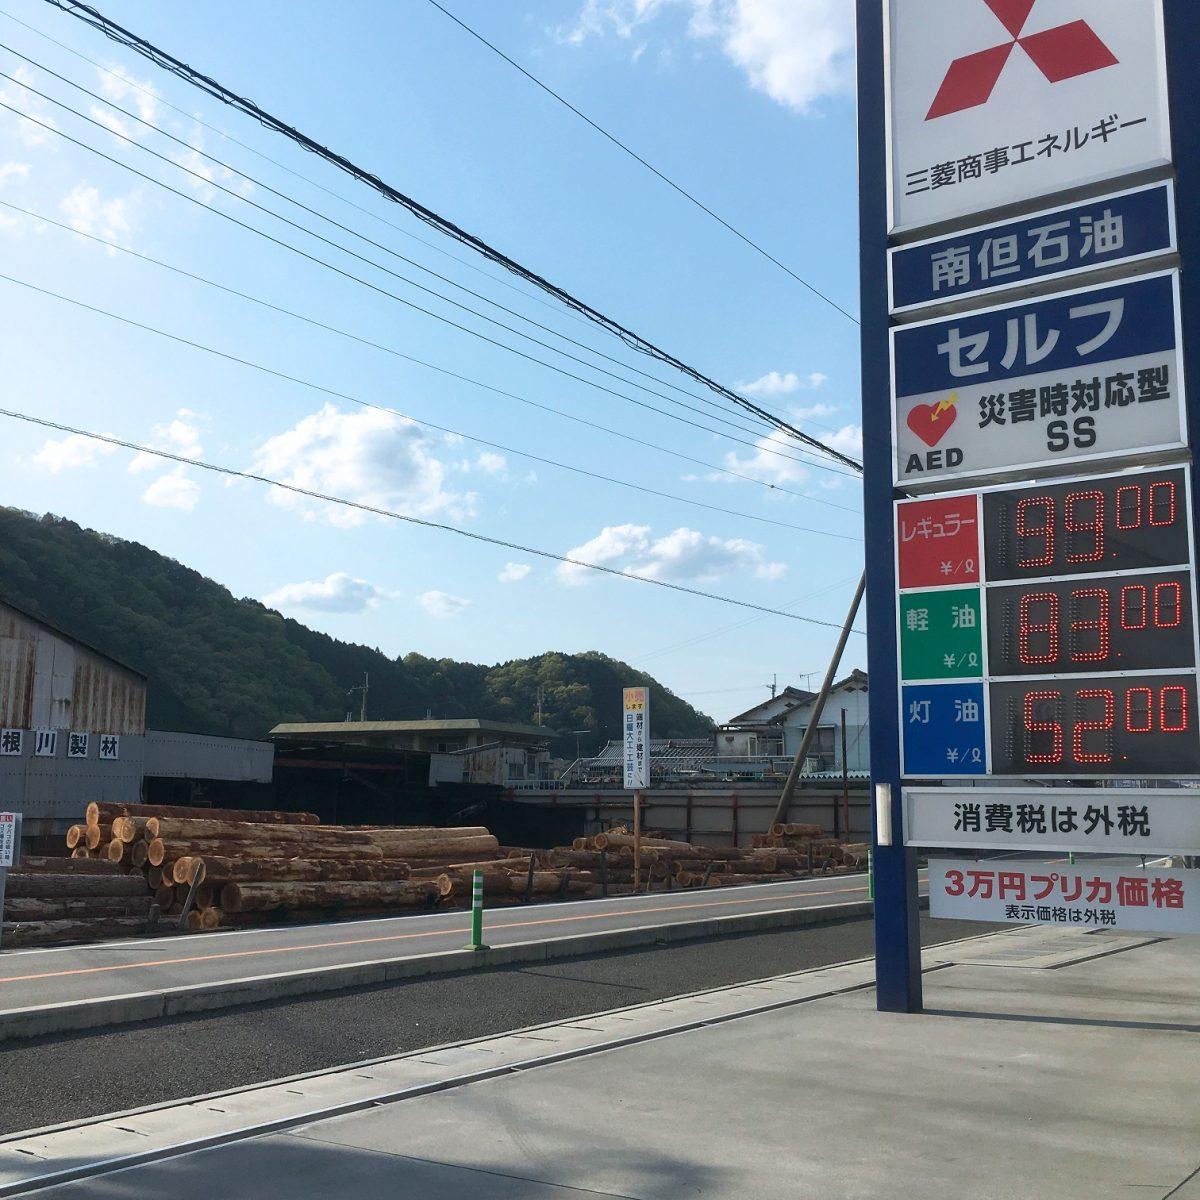 【市川町】ついにガソリン表示価格が100円を切っていた